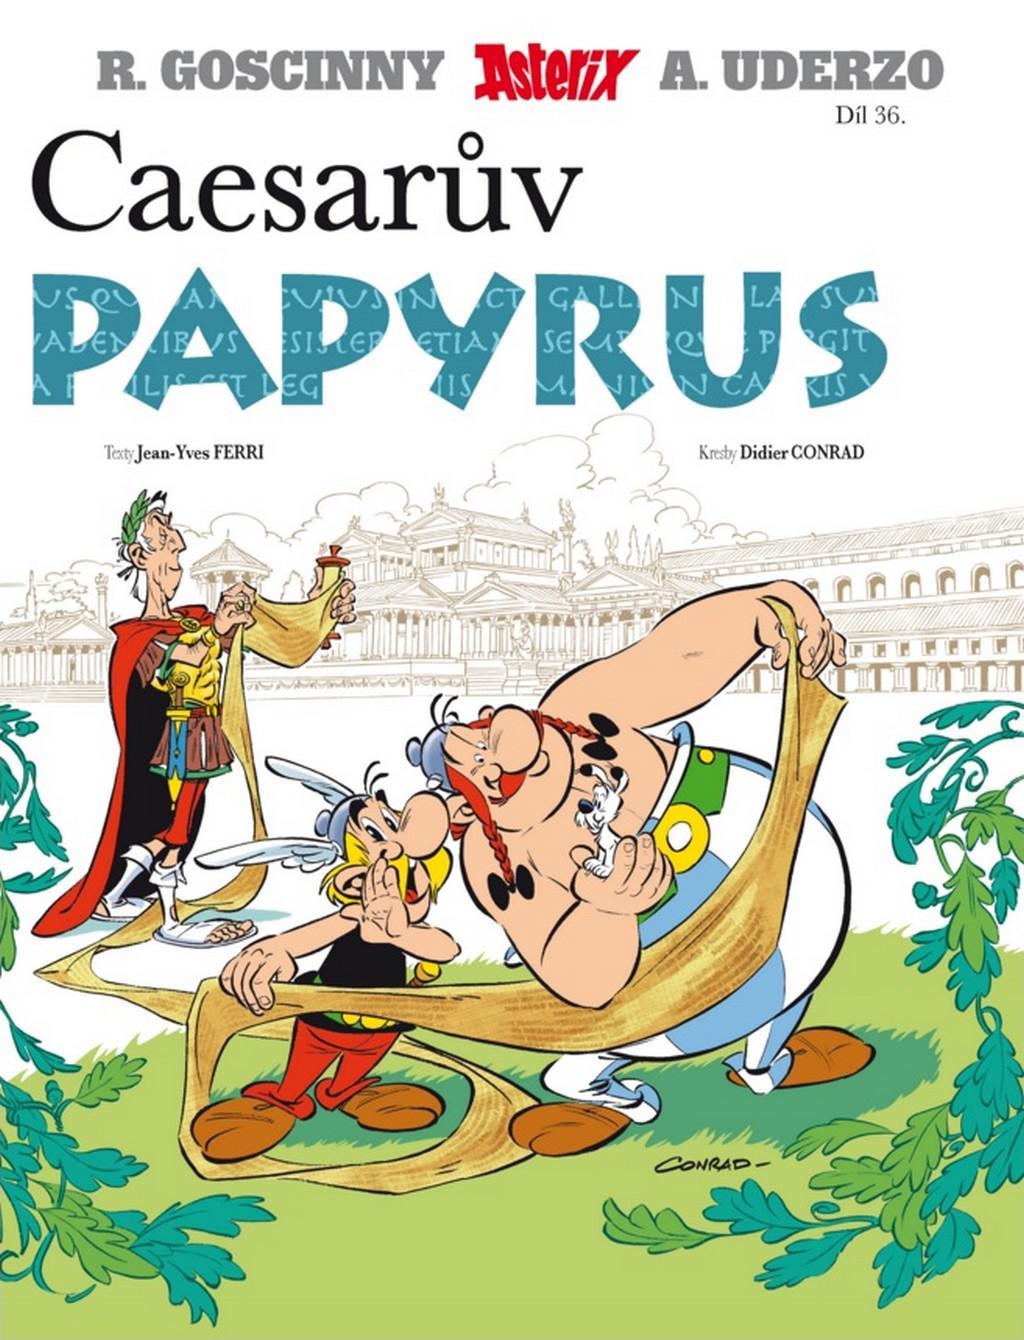 Asterix řeší v novém komiksu propagandu i aktuální krize — ČT24.